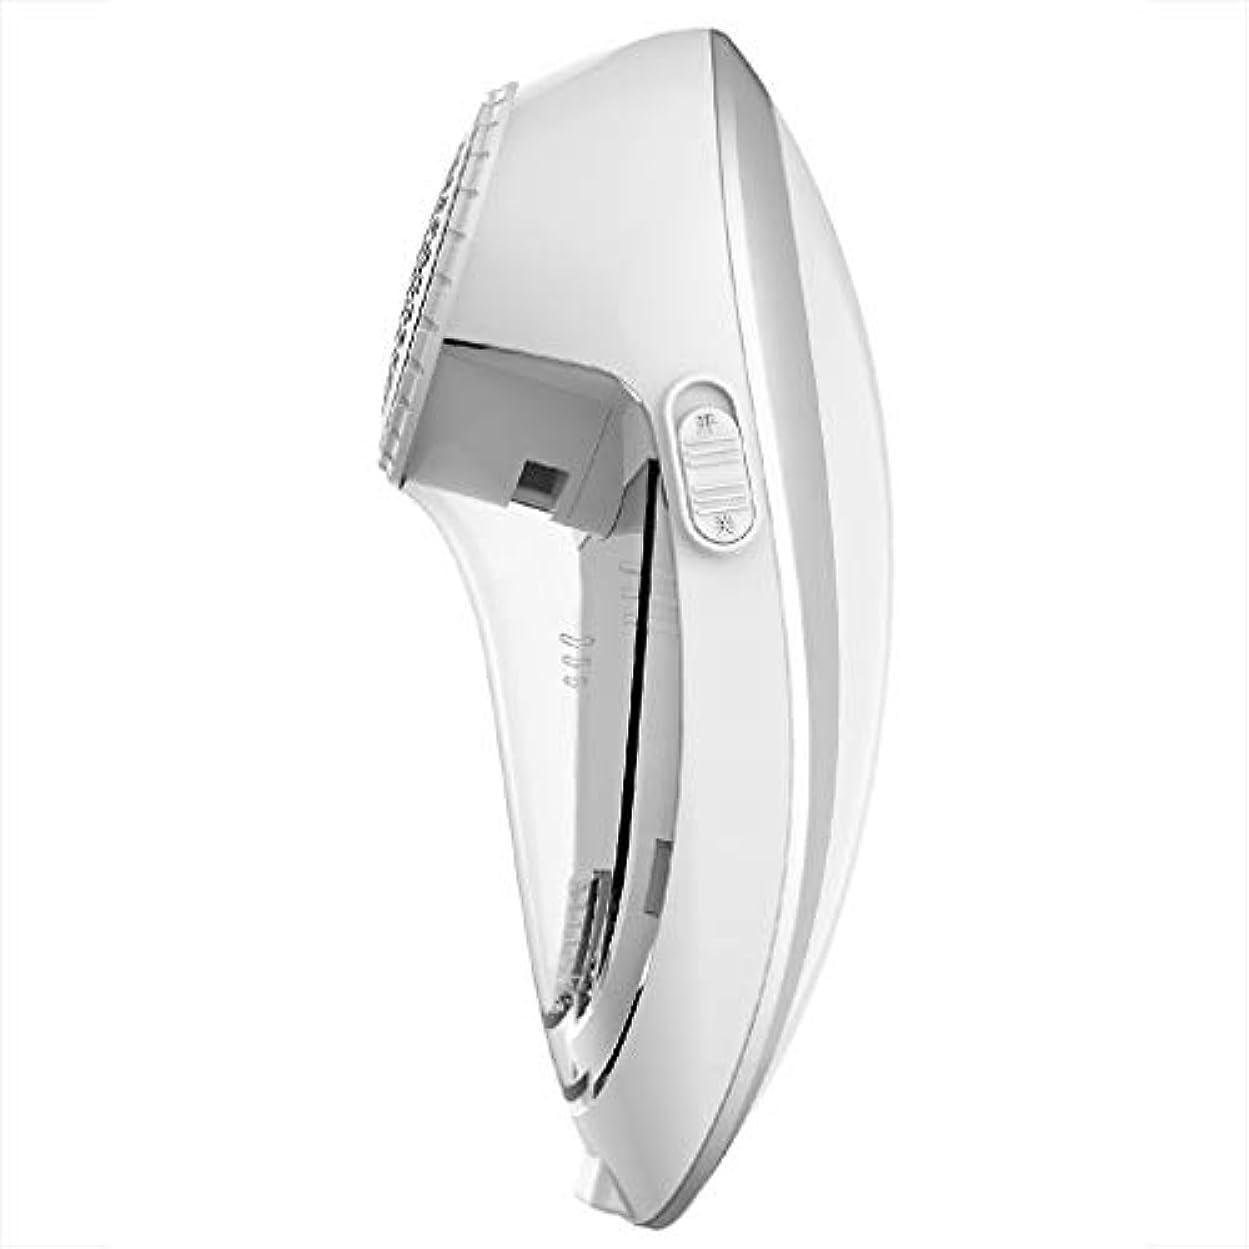 ヒープ蒸気入り口Wei Zhe- ファブリックシェーバー - リントリムーバー衣類シェーバー2刃のフリース服のポータブル充電式ボブファブリックシェーバー 携帯用かみそり (サイズ さいず : 5 blade)